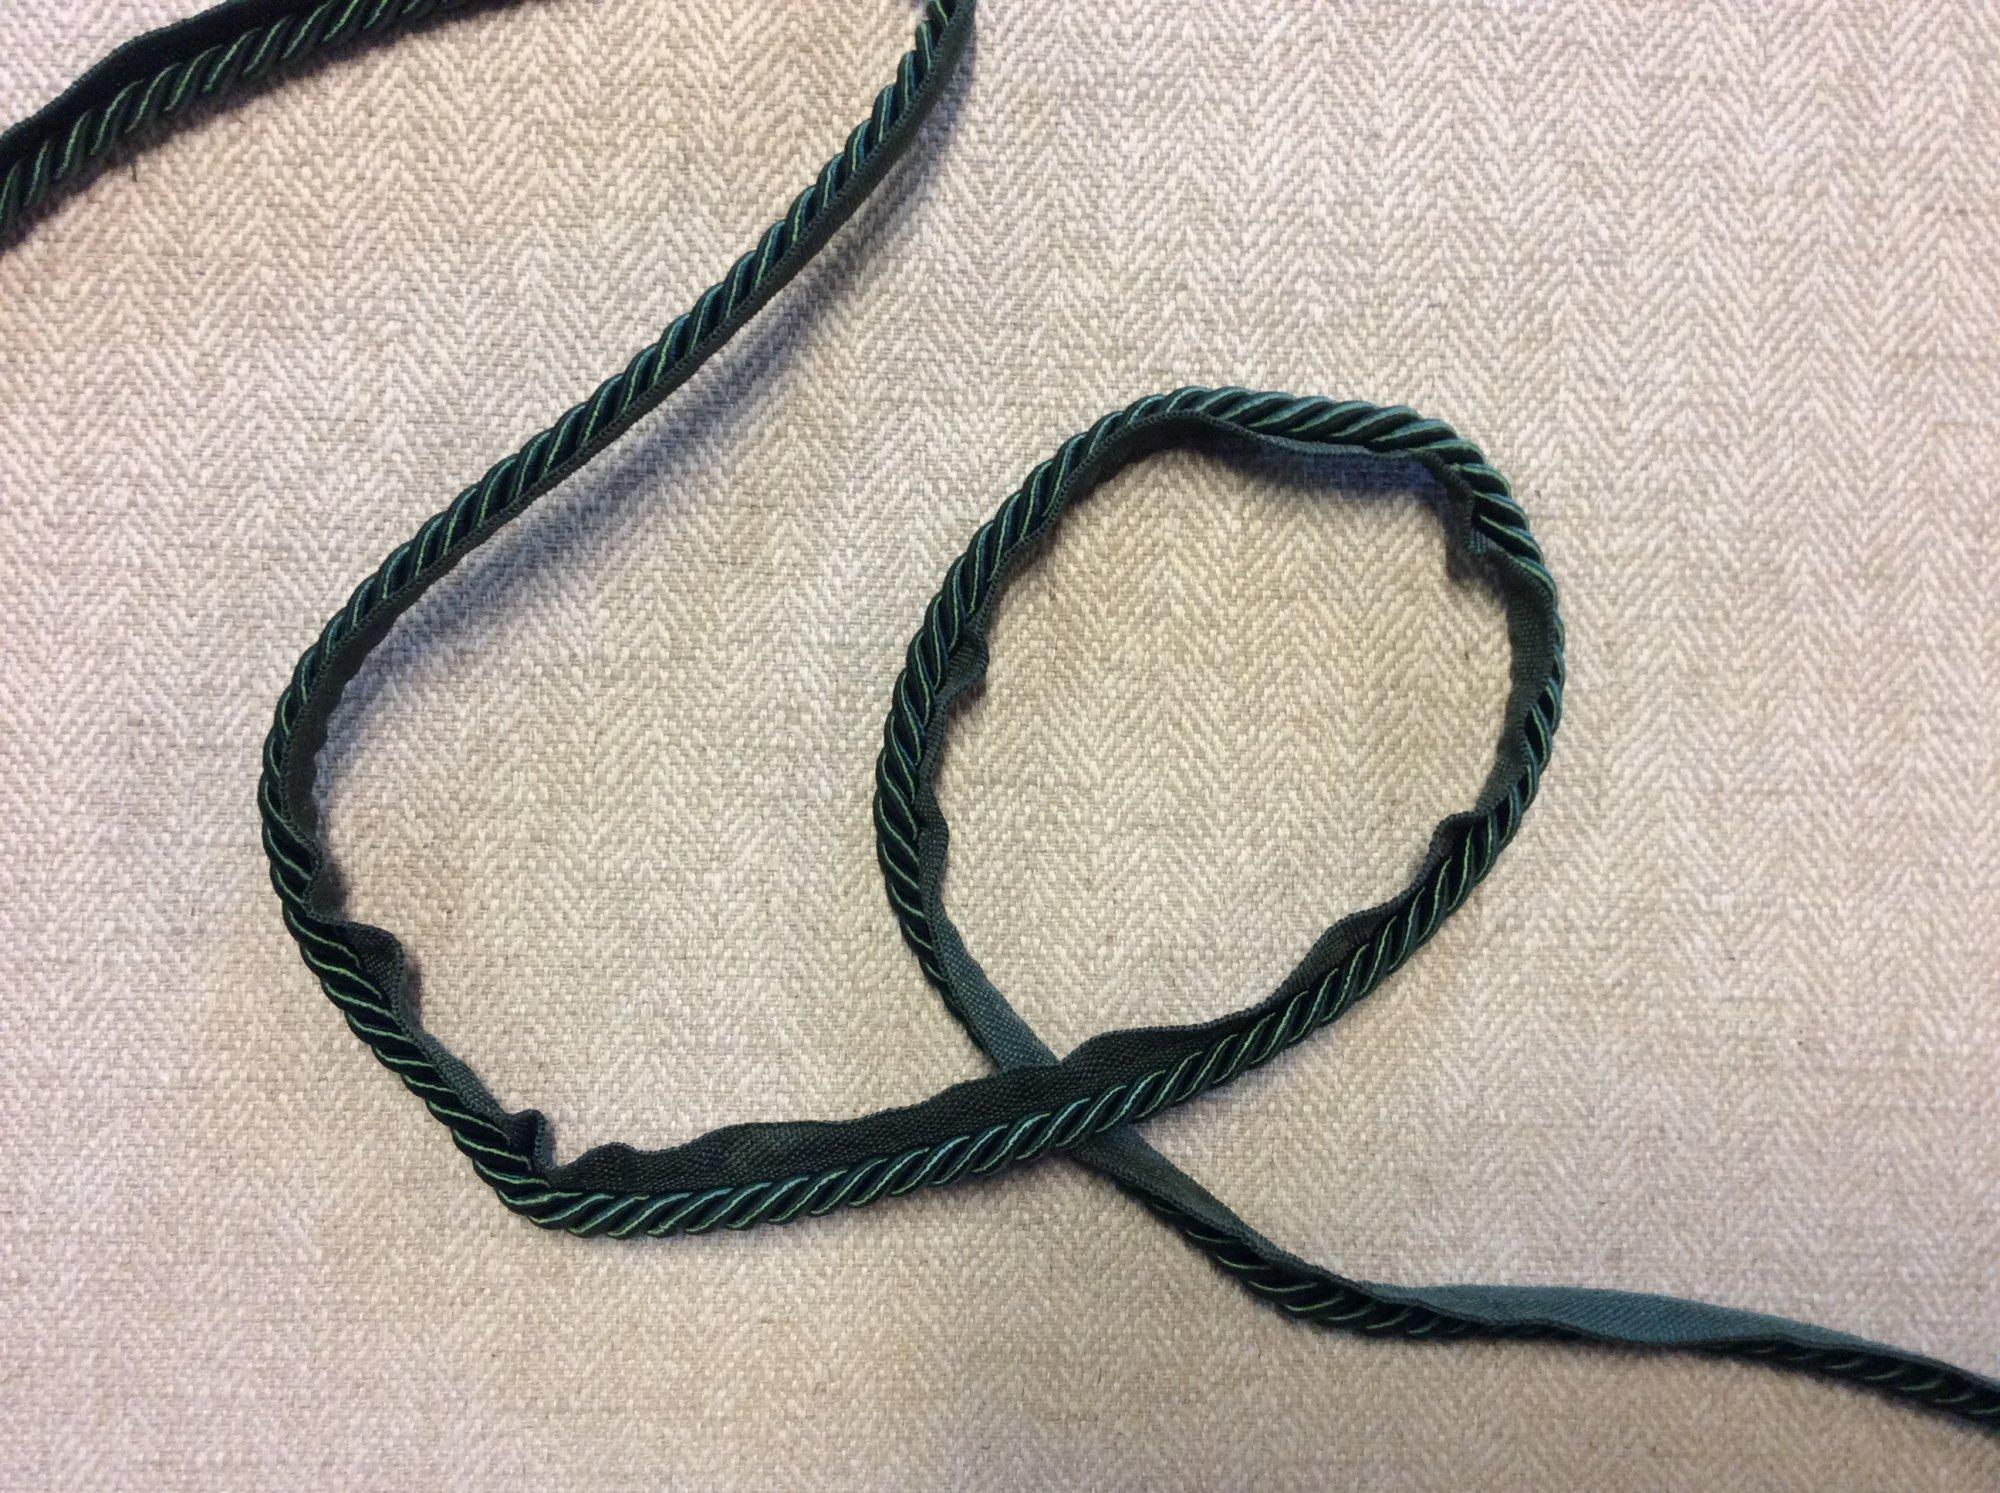 Wonderful Dark Emerald Green Lip Cord Home Decor Sew in Trim TRIM1006